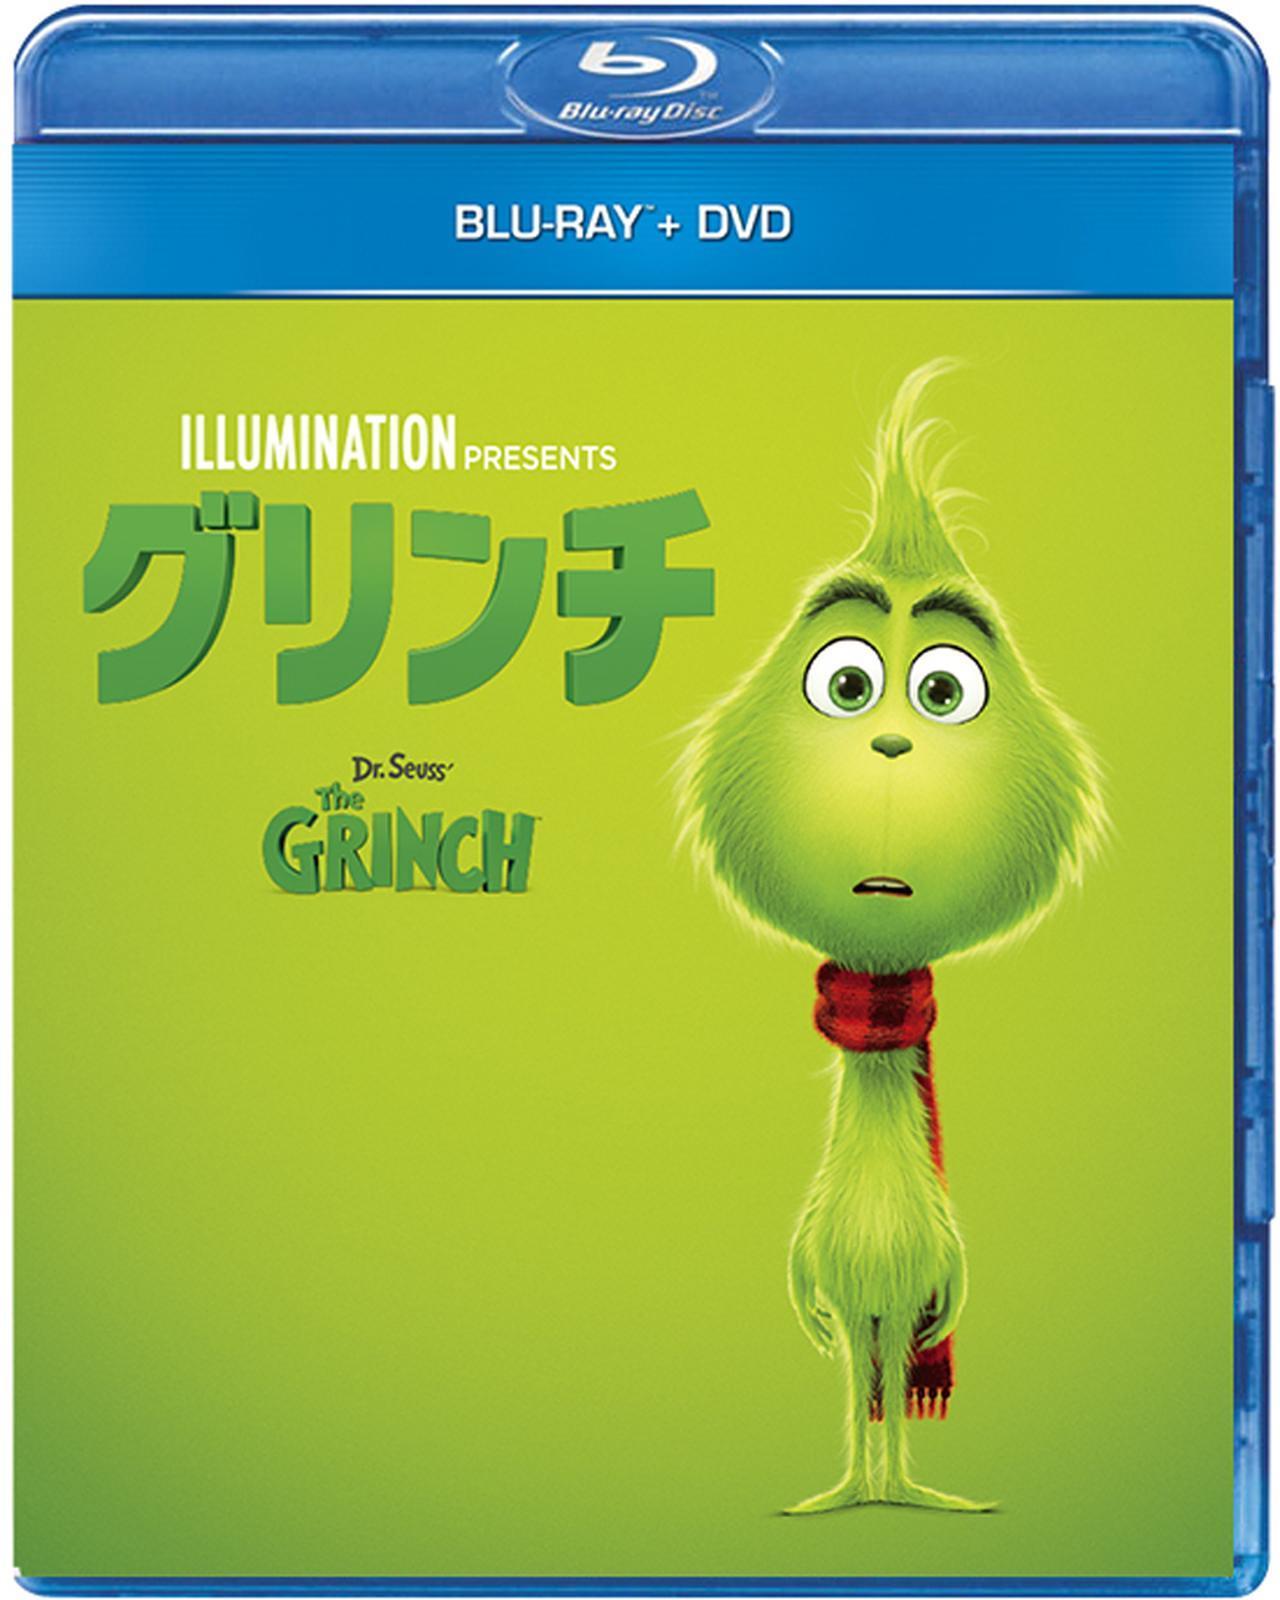 画像2: 『ミニオンズ』『ペット』『SING/シング』のイルミネーション最新作『グリンチ』のブルーレイ&DVDが4月24日に発売決定! 日本初公開の短編2本も収録!